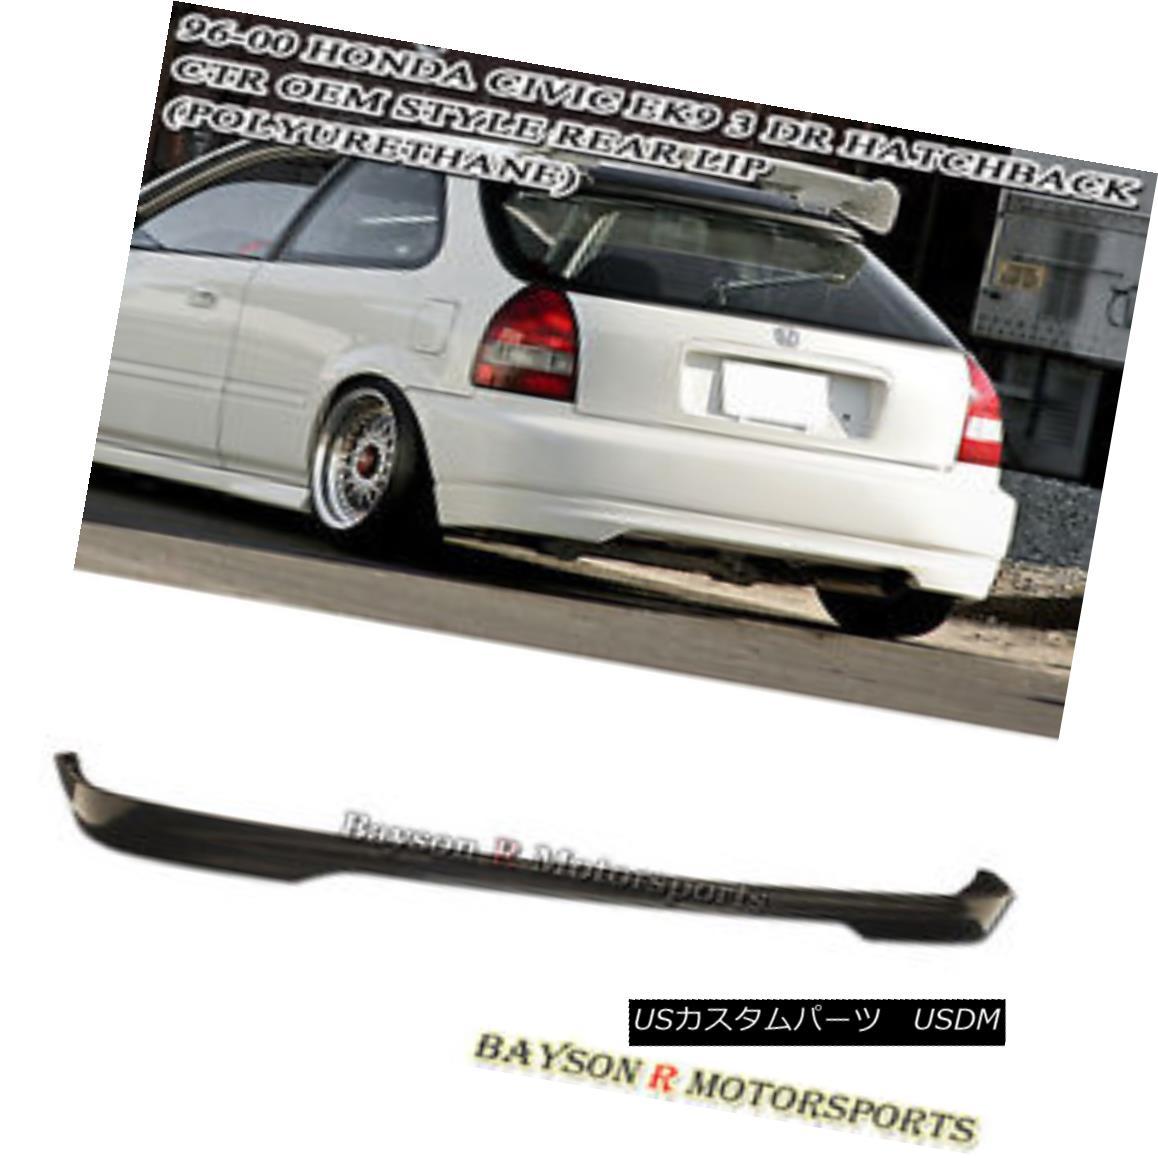 エアロパーツ CTR TR-Style Rear Lip (Urethane) Fits 96-00 Civic 3dr CTR TR-スタイルリアリップ(ウレタン)96-00 Civic 3drに適合